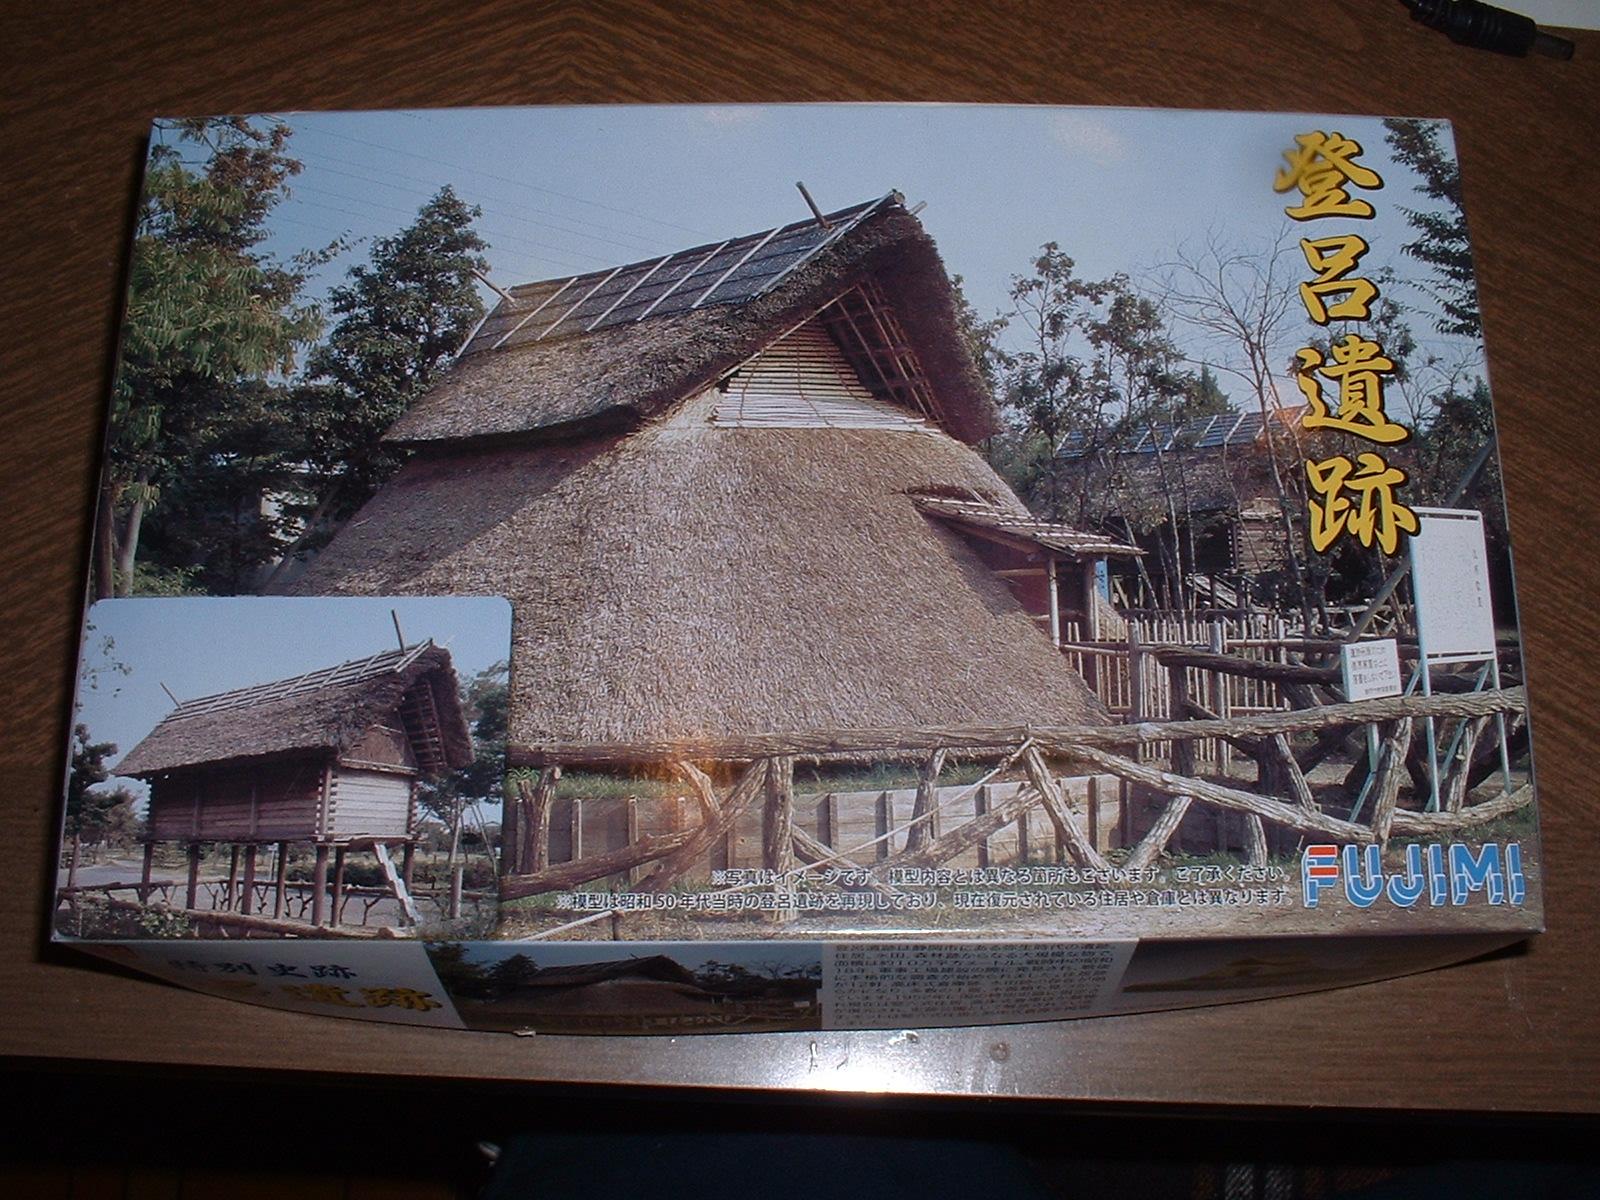 フジミ模型㈱ 現行 建物モデルシリーズ「登呂遺跡」 Doburoku-TAO.JPG